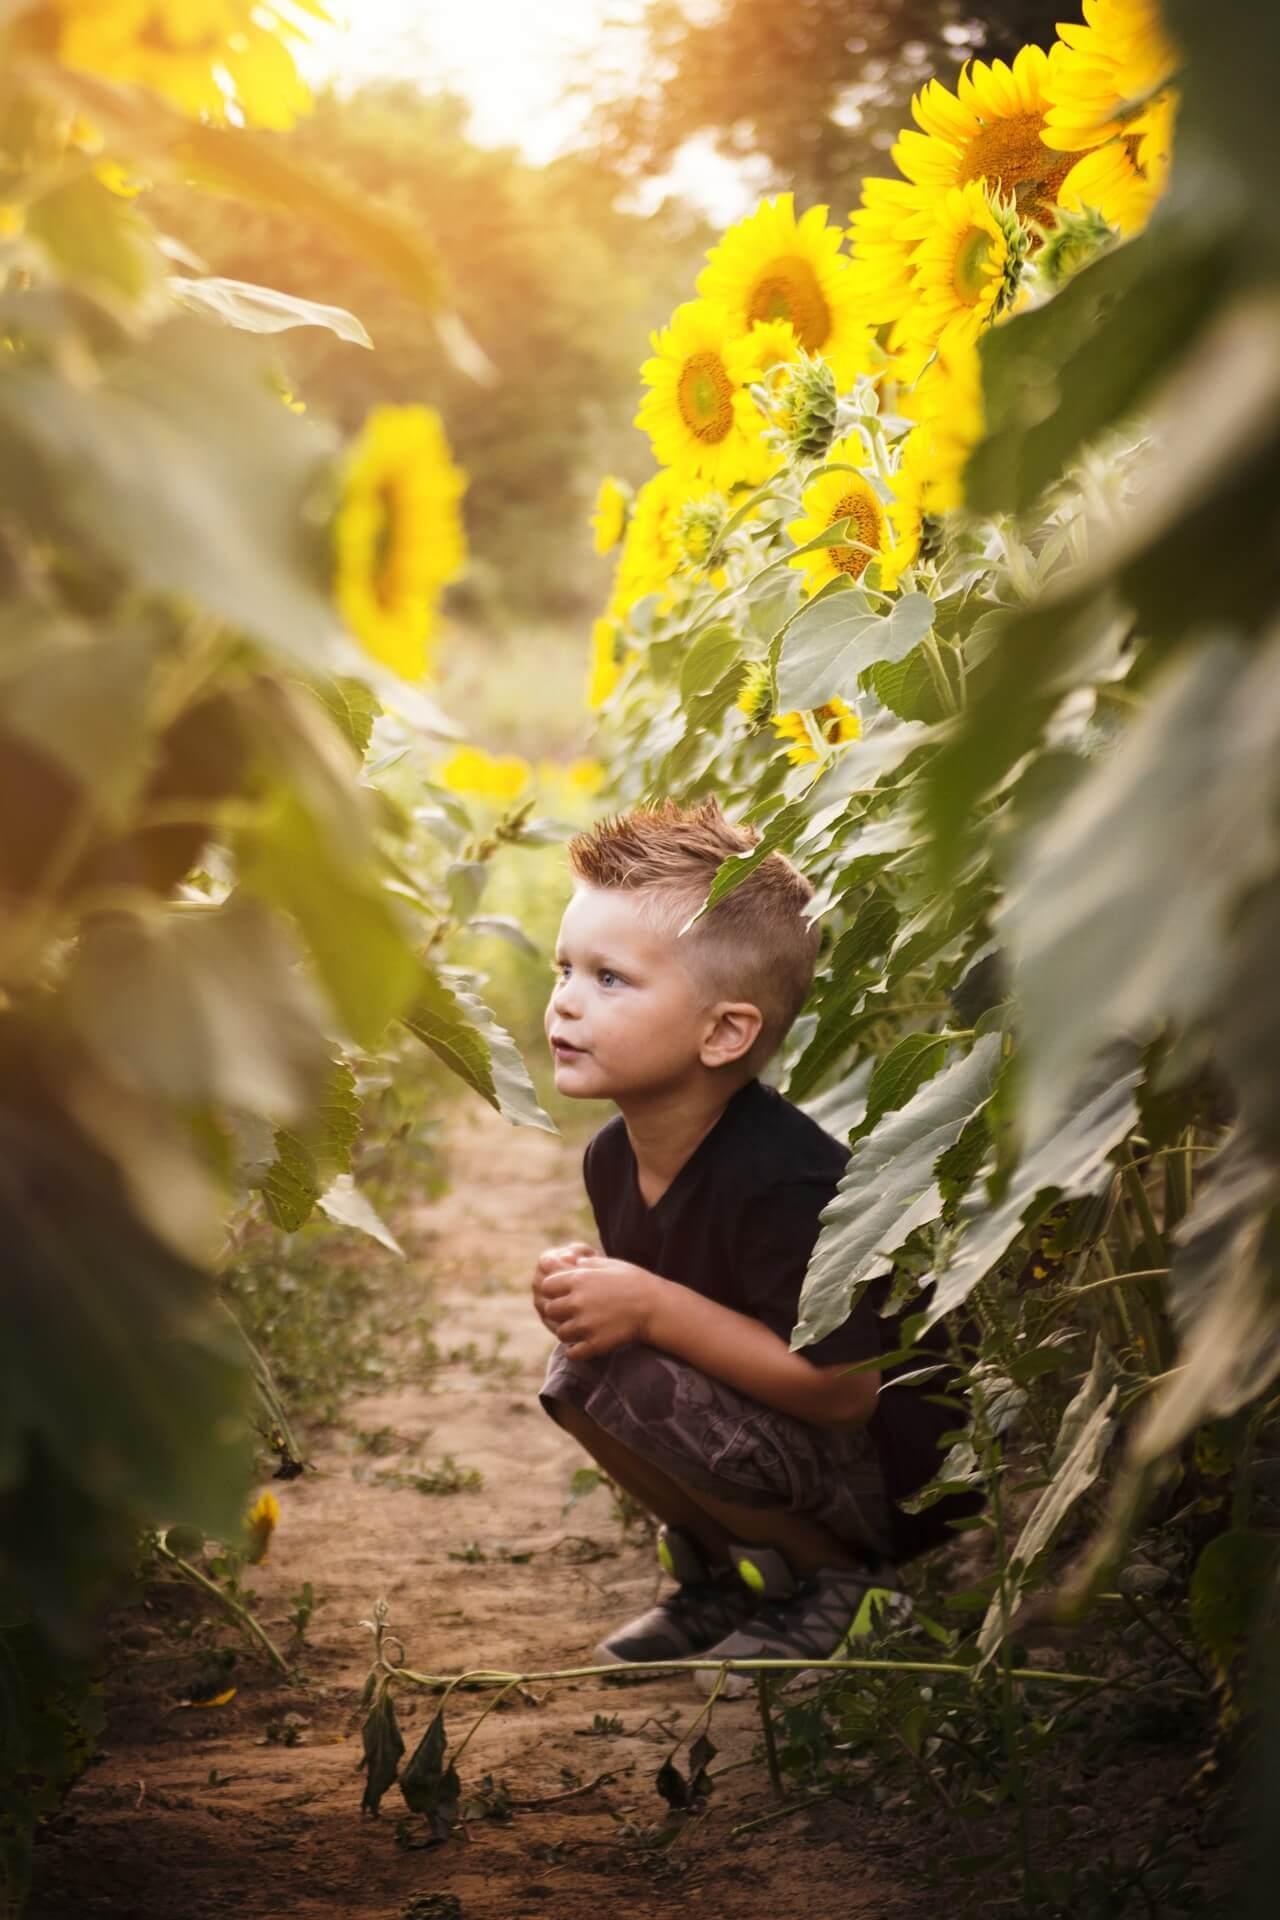 Criança de cócoras numa plantação de girassóis.